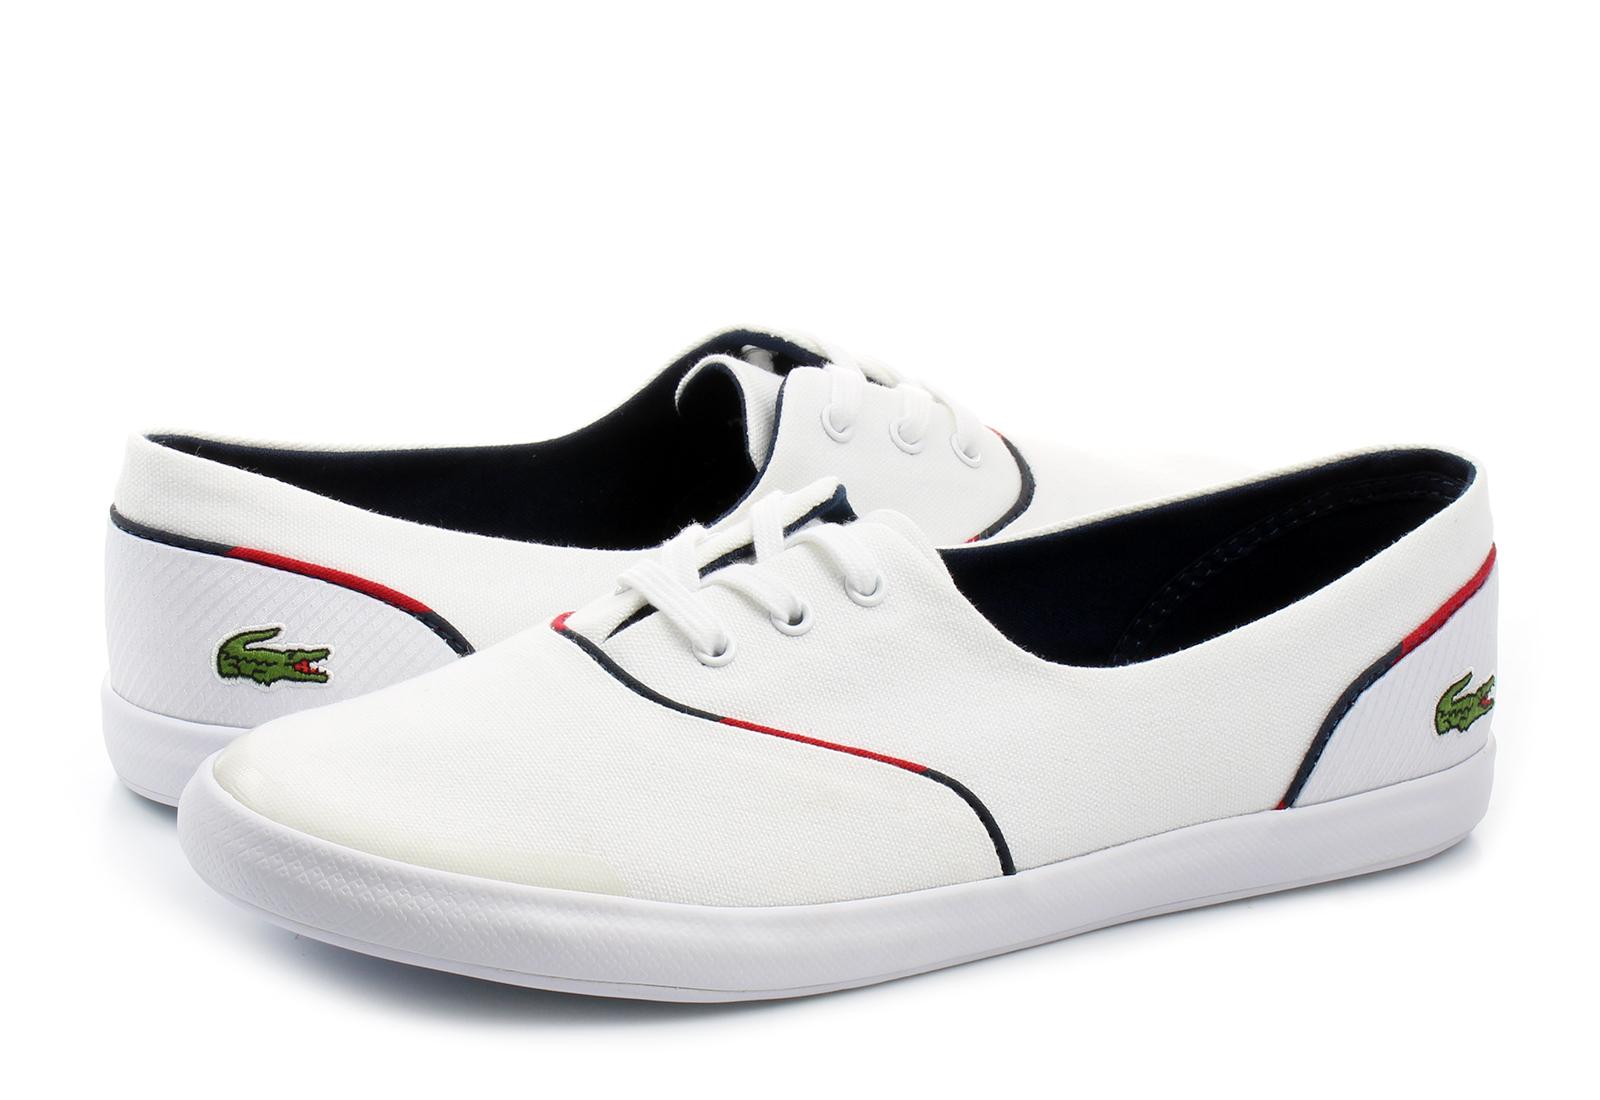 Lacoste Cipő - Lancelle 3-eye - 181caw0028-407 - Office Shoes ... 13a73e4109